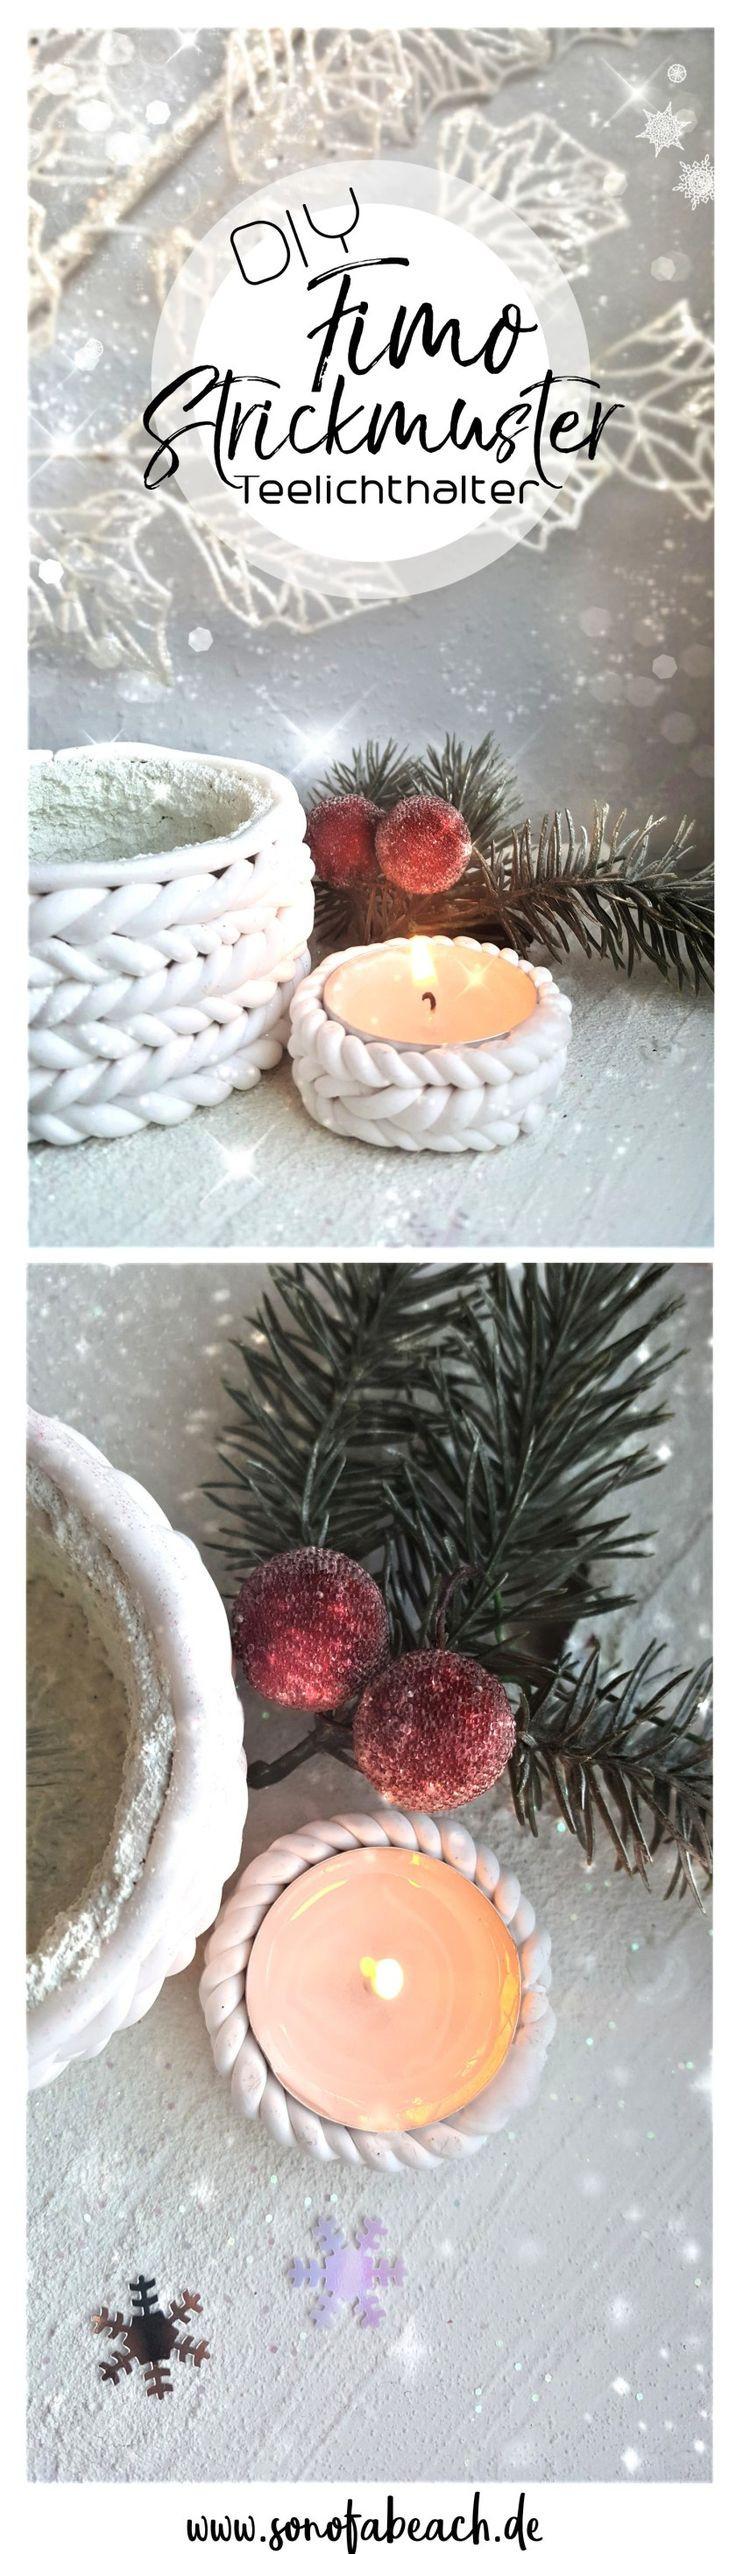 Diy Teelichthalter  Best 25 Clay crafts ideas on Pinterest